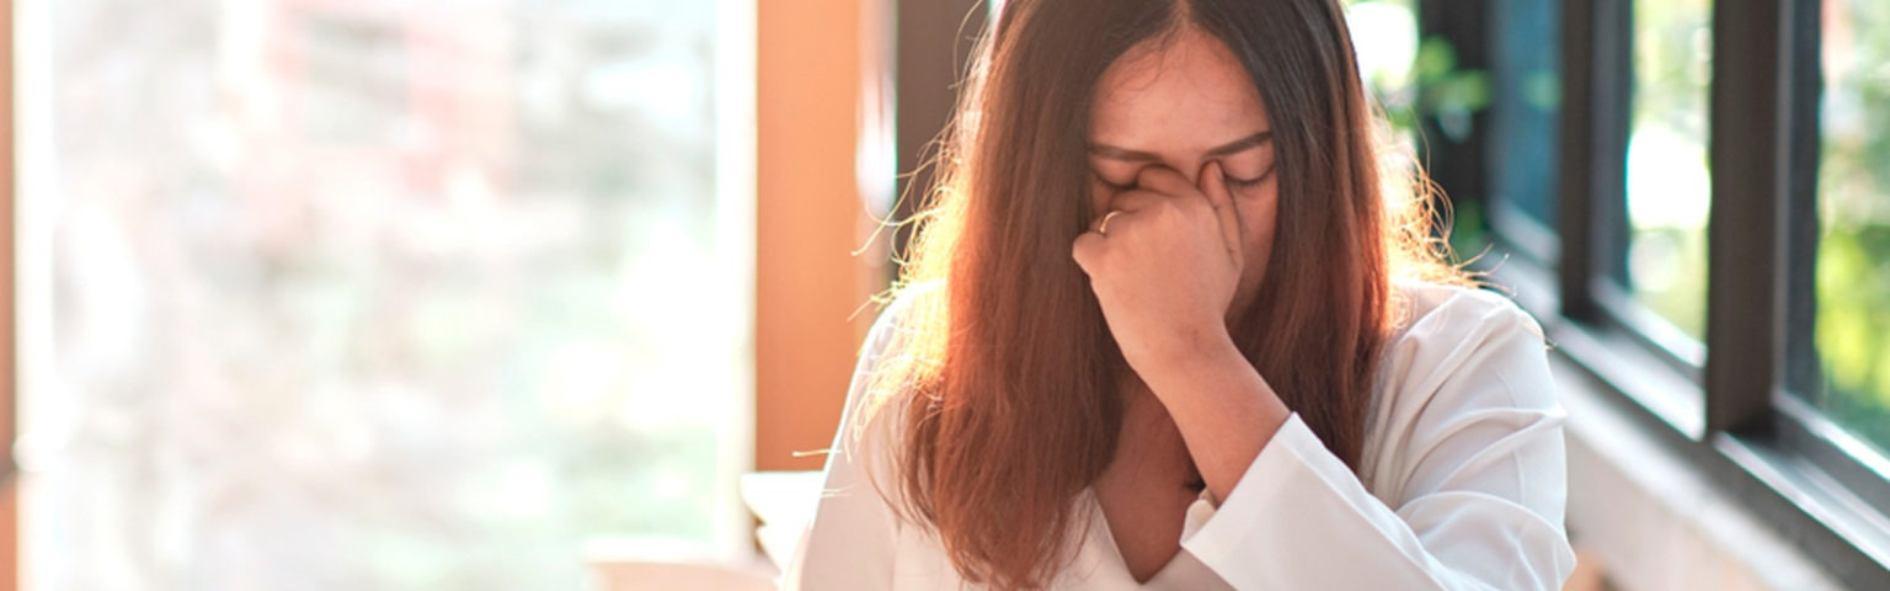 Descubre qué significa somatizar y qué síntomas provoca